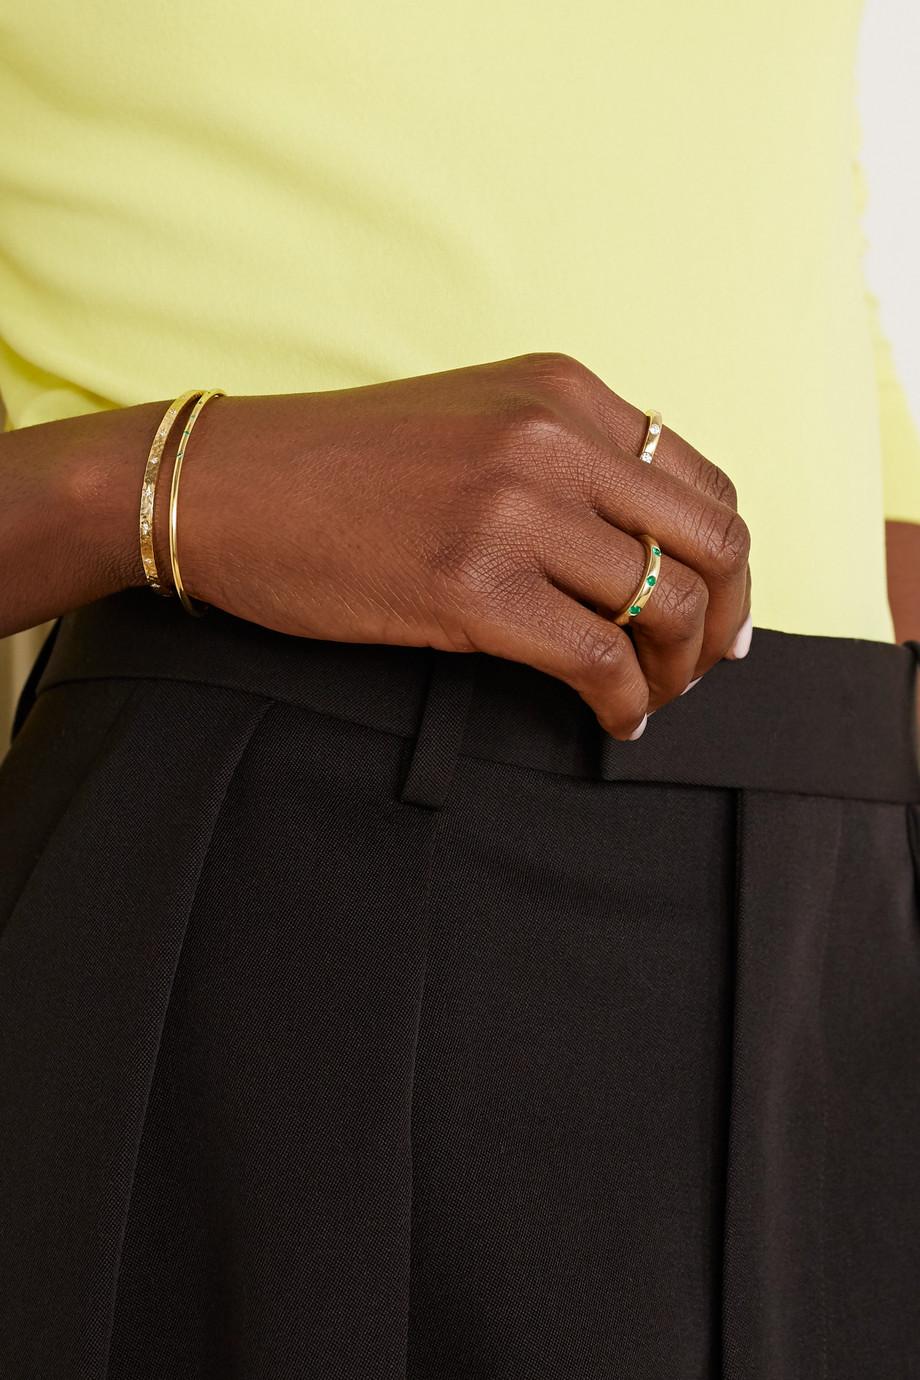 Octavia Elizabeth + NET SUSTAIN Ivy Ring aus 18 Karat Gold mit Smaragden